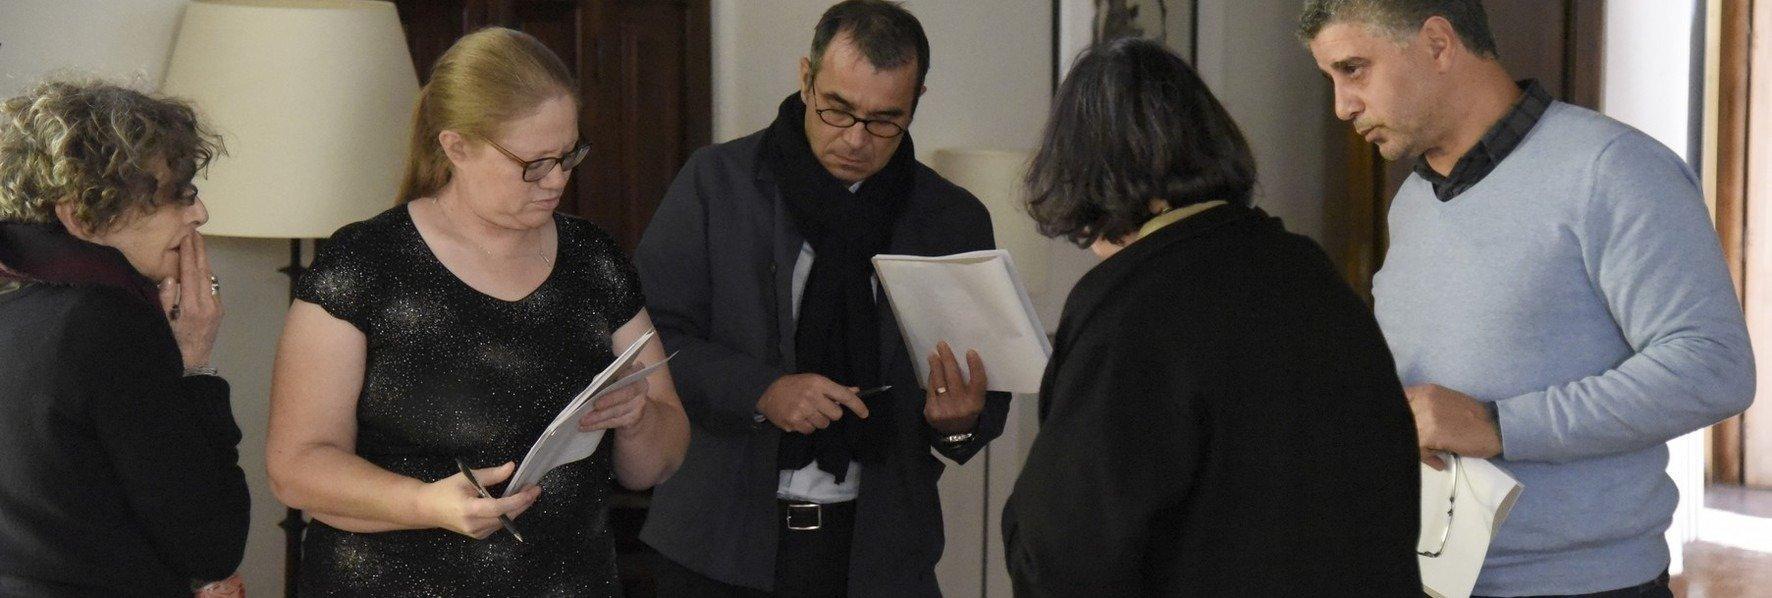 """Réunion du jury pour le prix """"Résidence pour la Photographie"""" © Olivier Monoyez"""